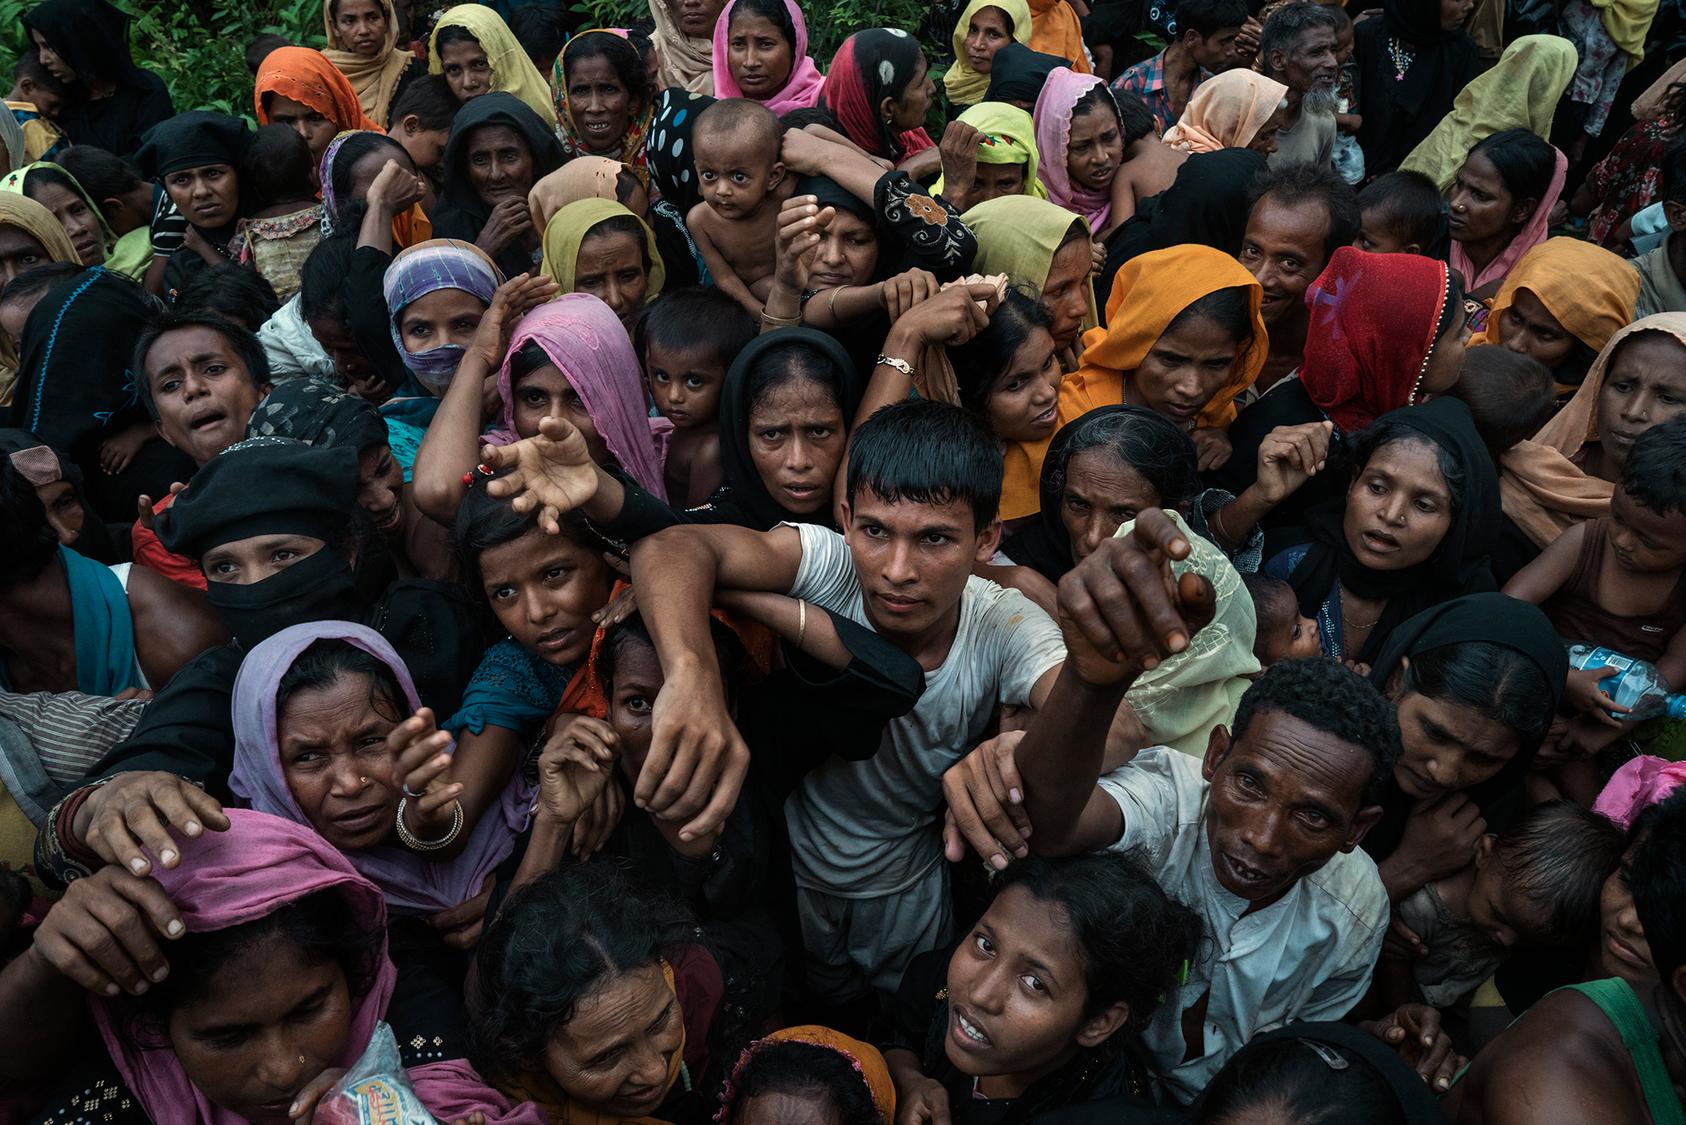 Myanmar: The Rohingya crisis